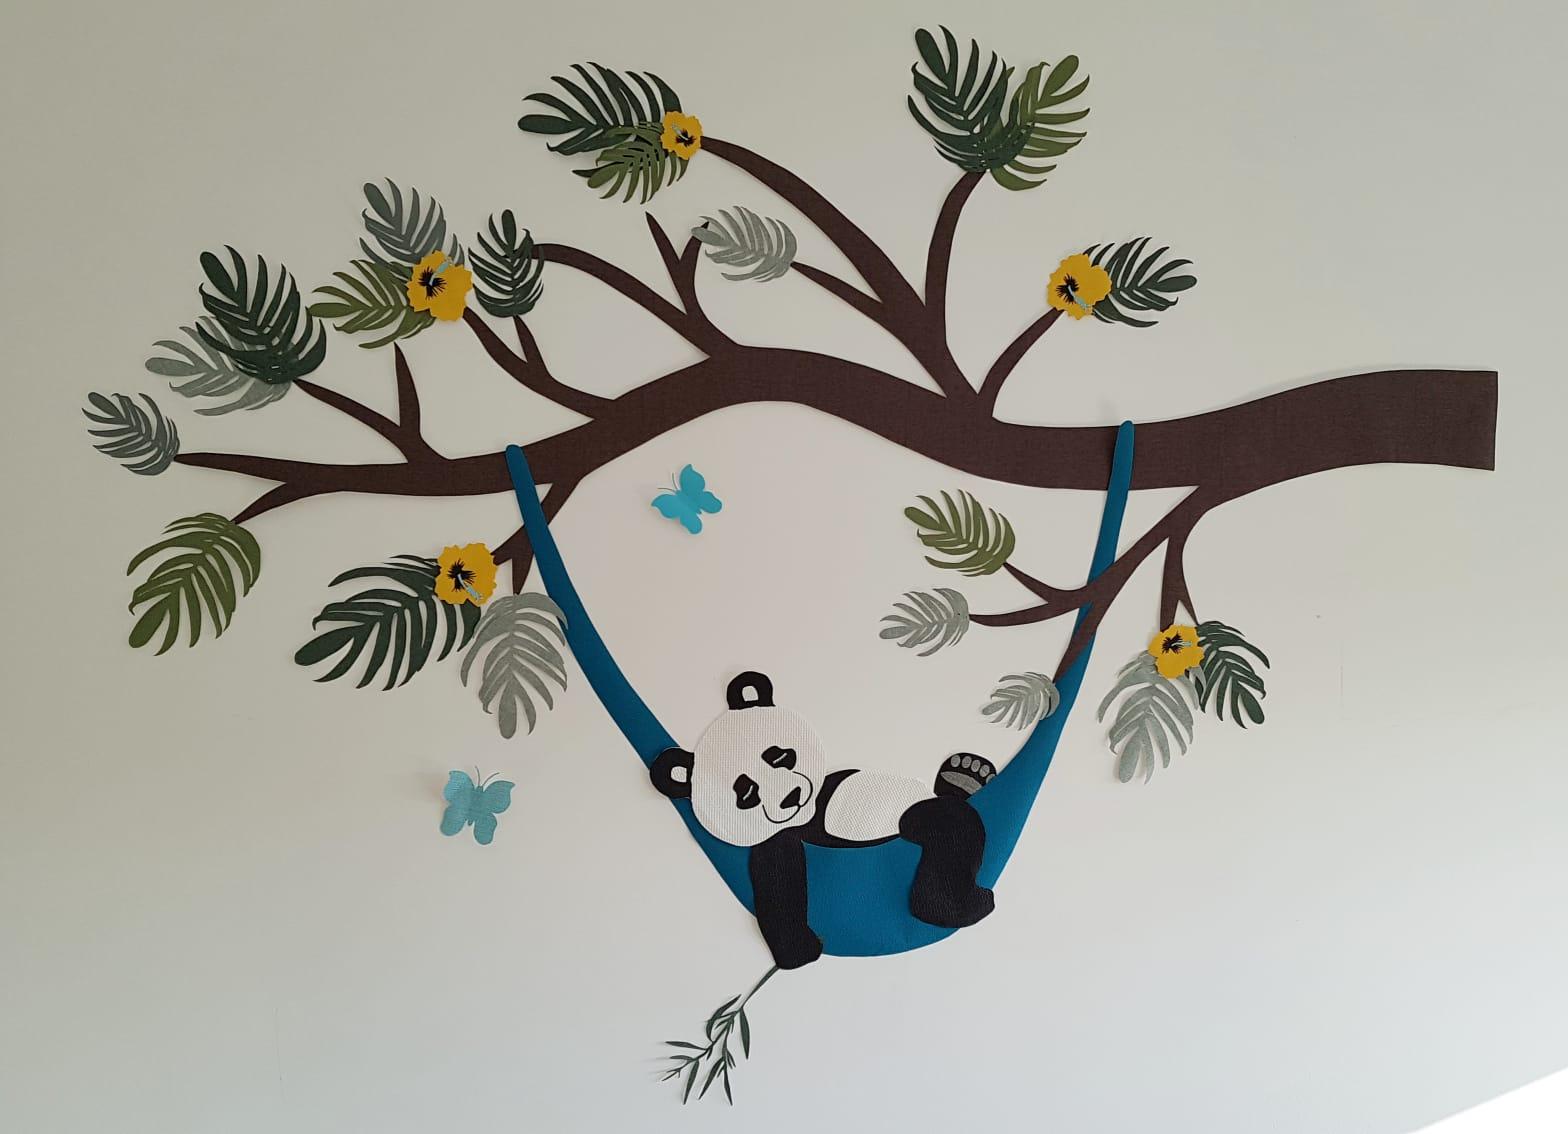 Pandabeer behangdecoratie panda babykamer kinderkamer muurdecoratie hangmat newborn handgemaakt